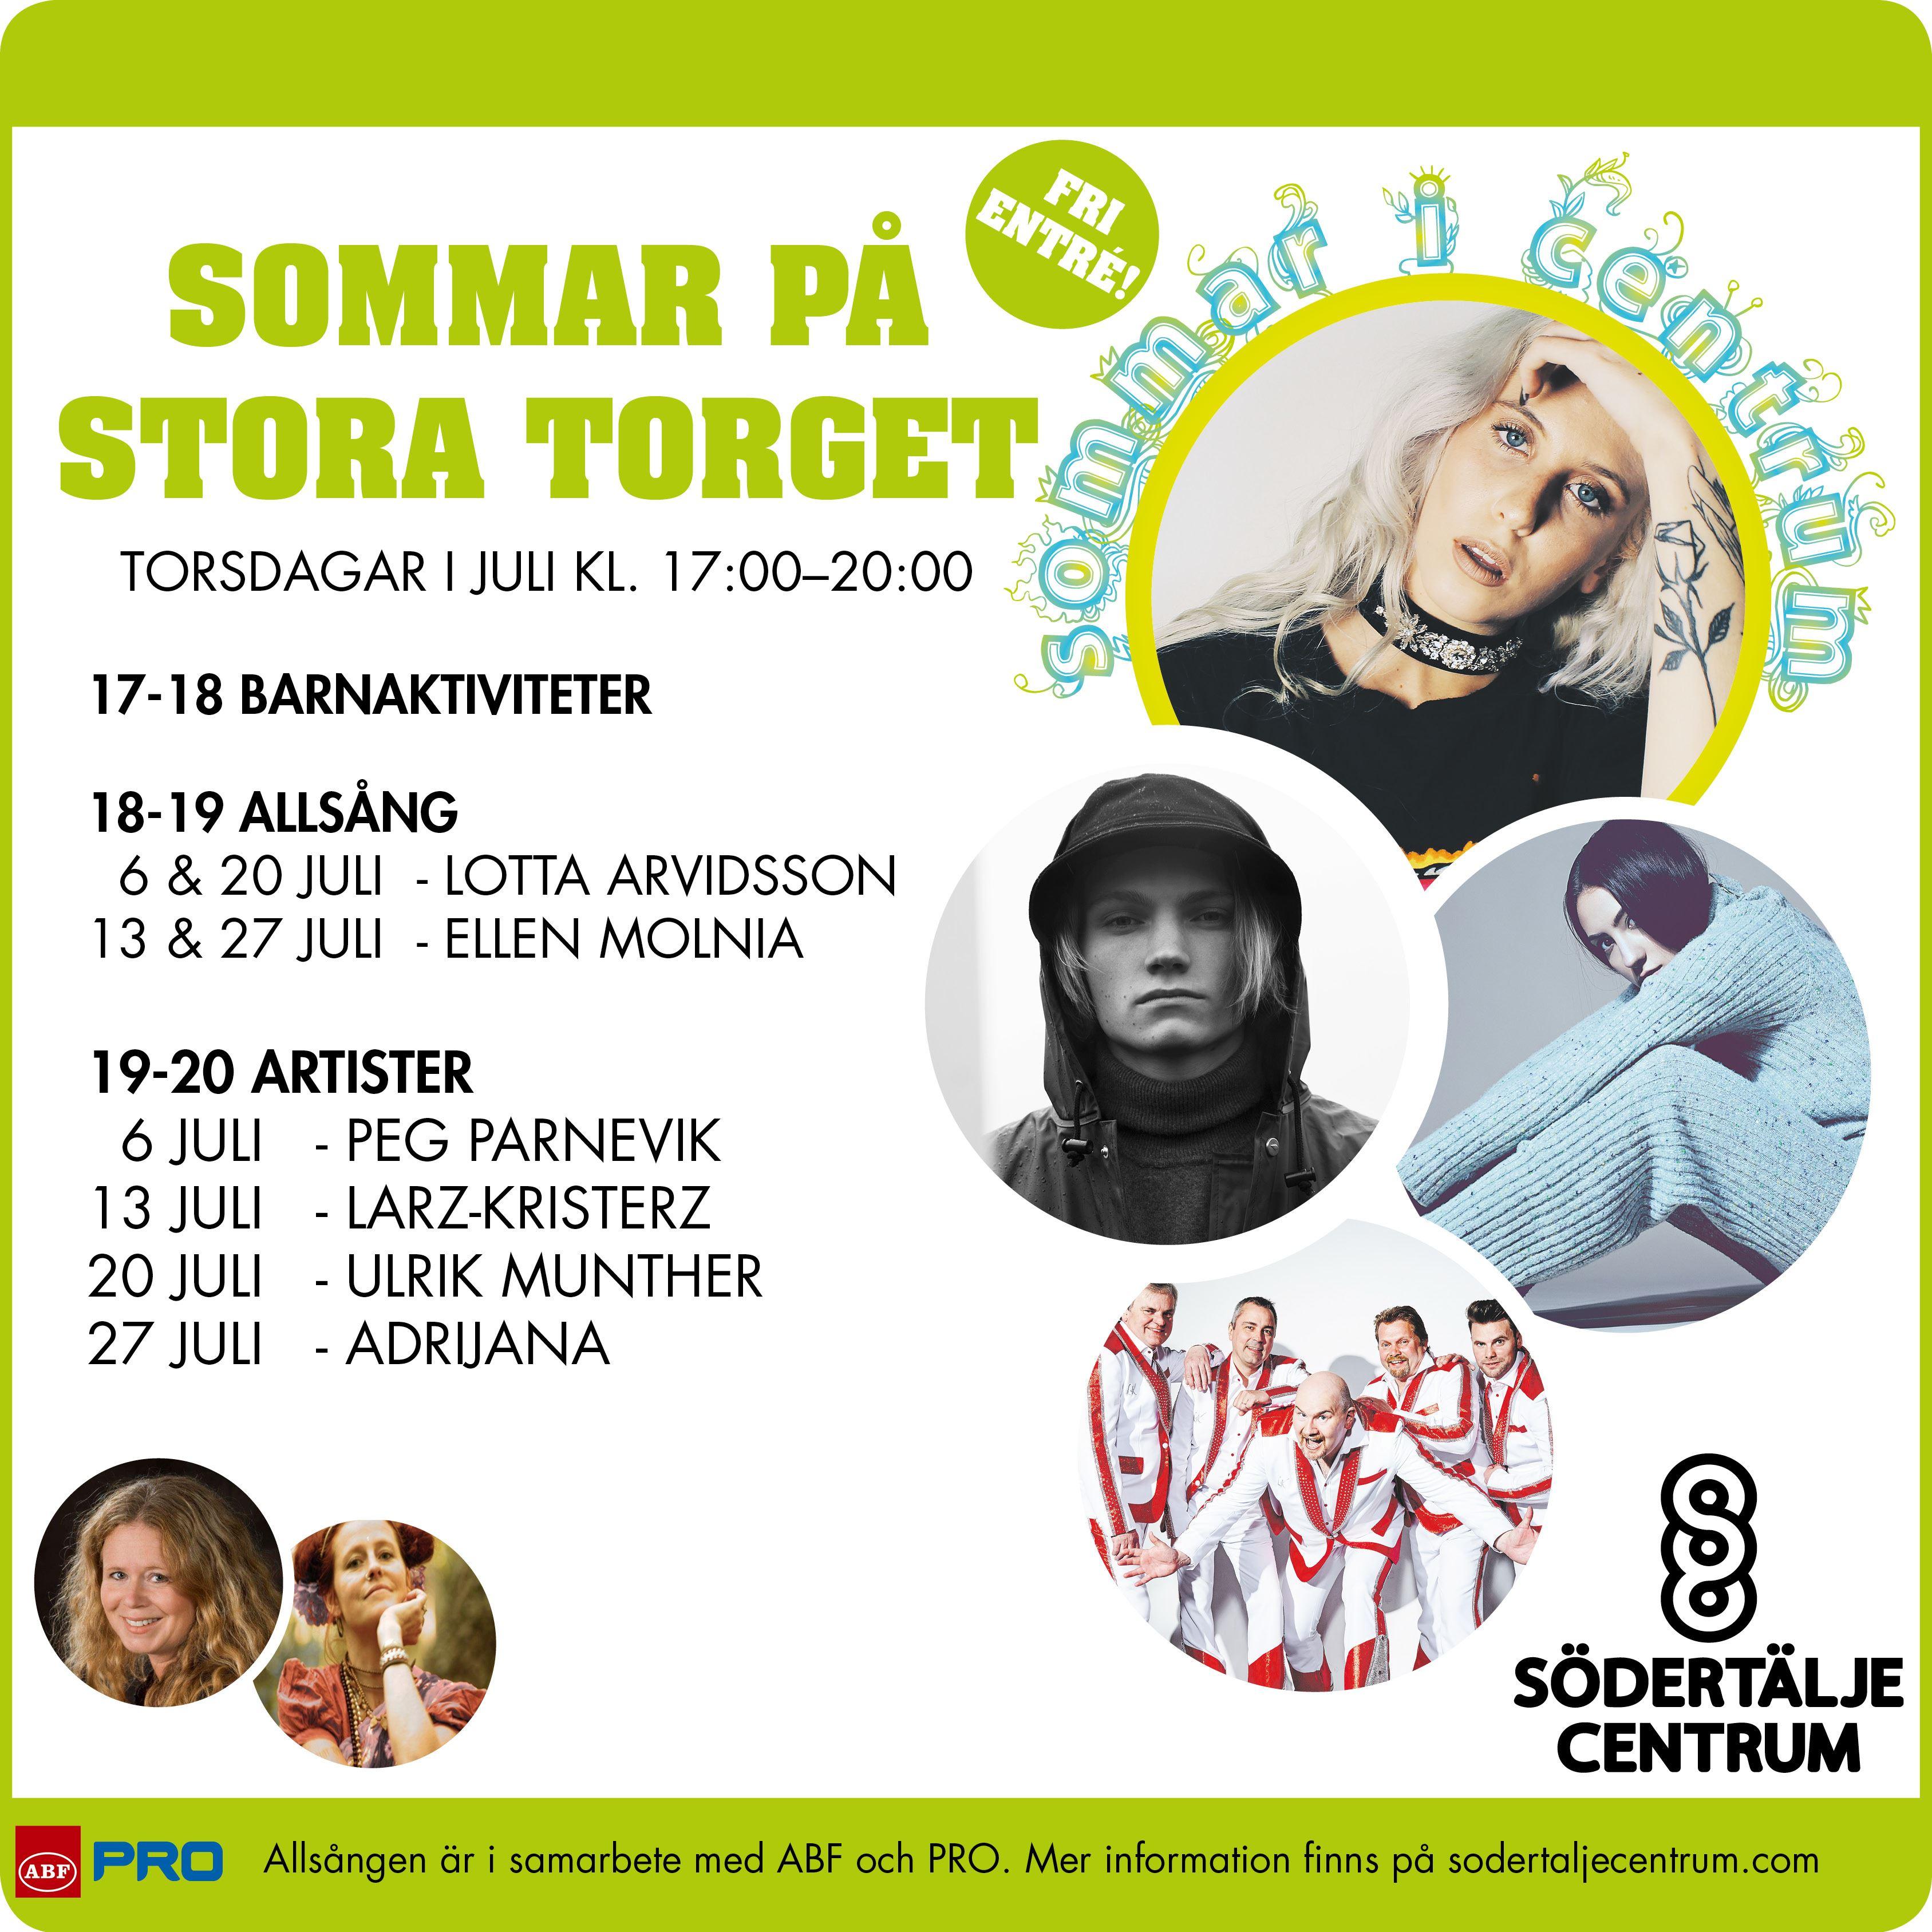 Ulrik Munther - Sommar på Stora Torget